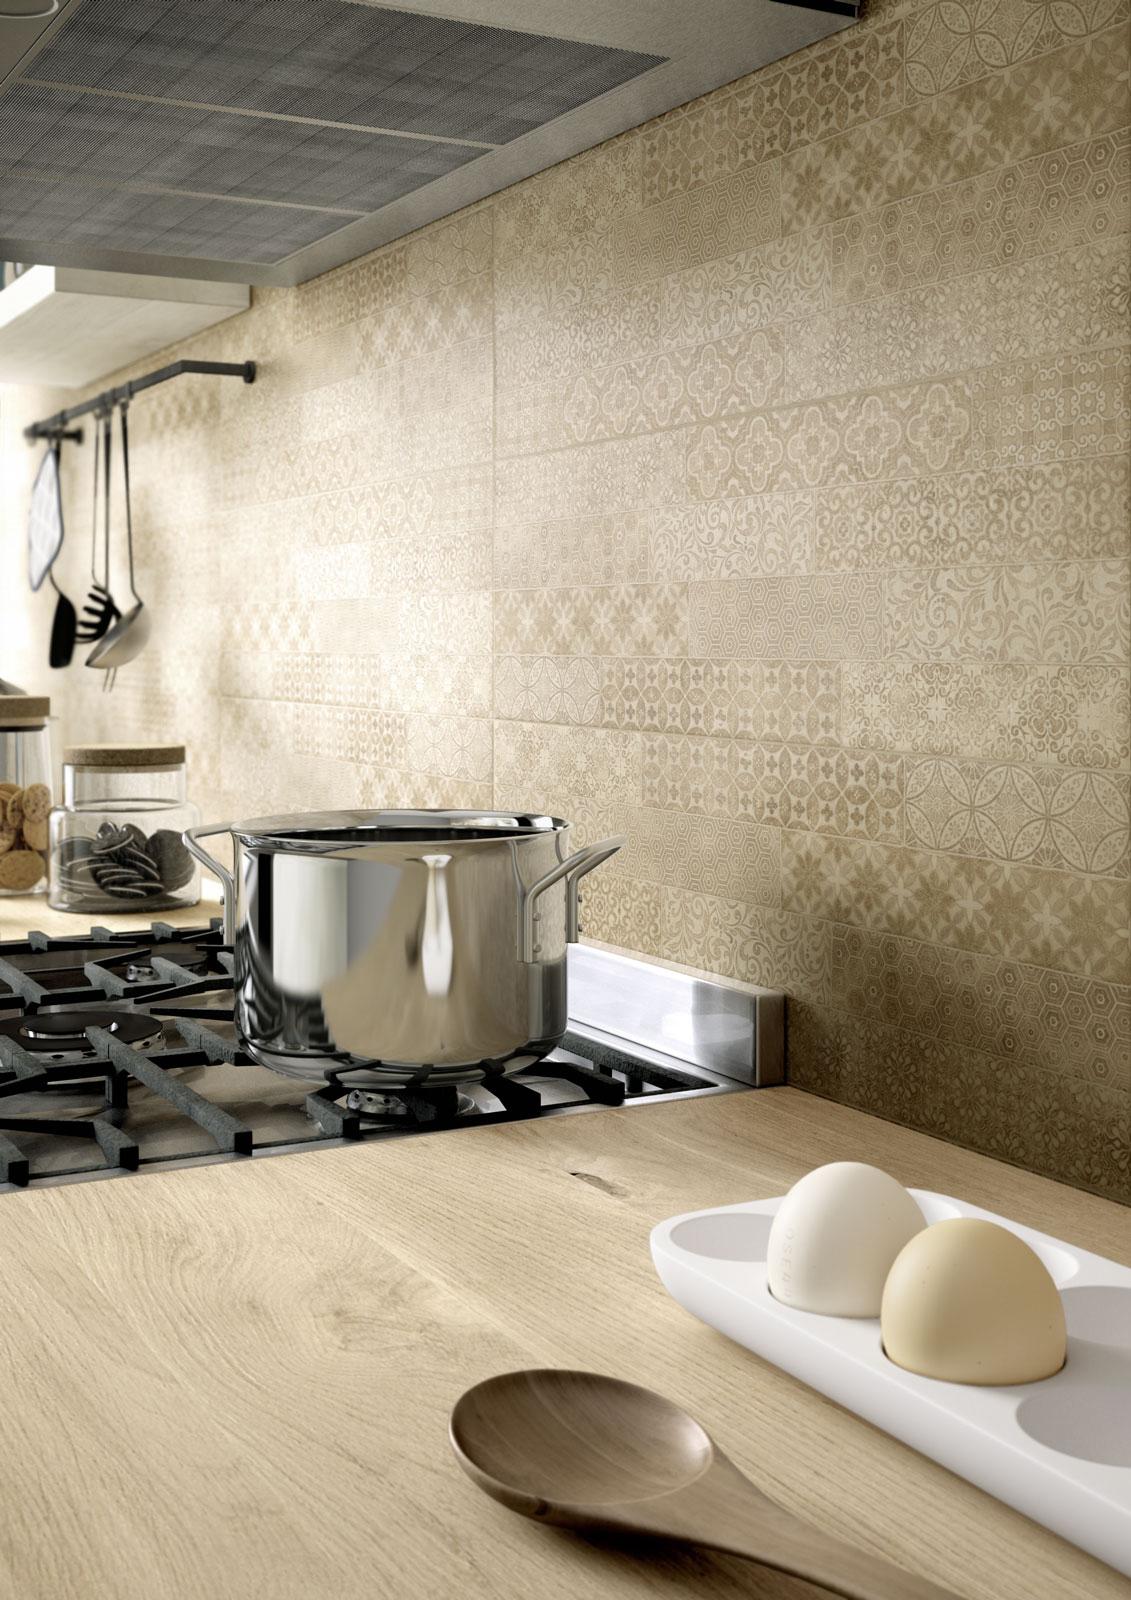 Clayline rivestimento per bagno marazzi - Piastrelle decorative ...